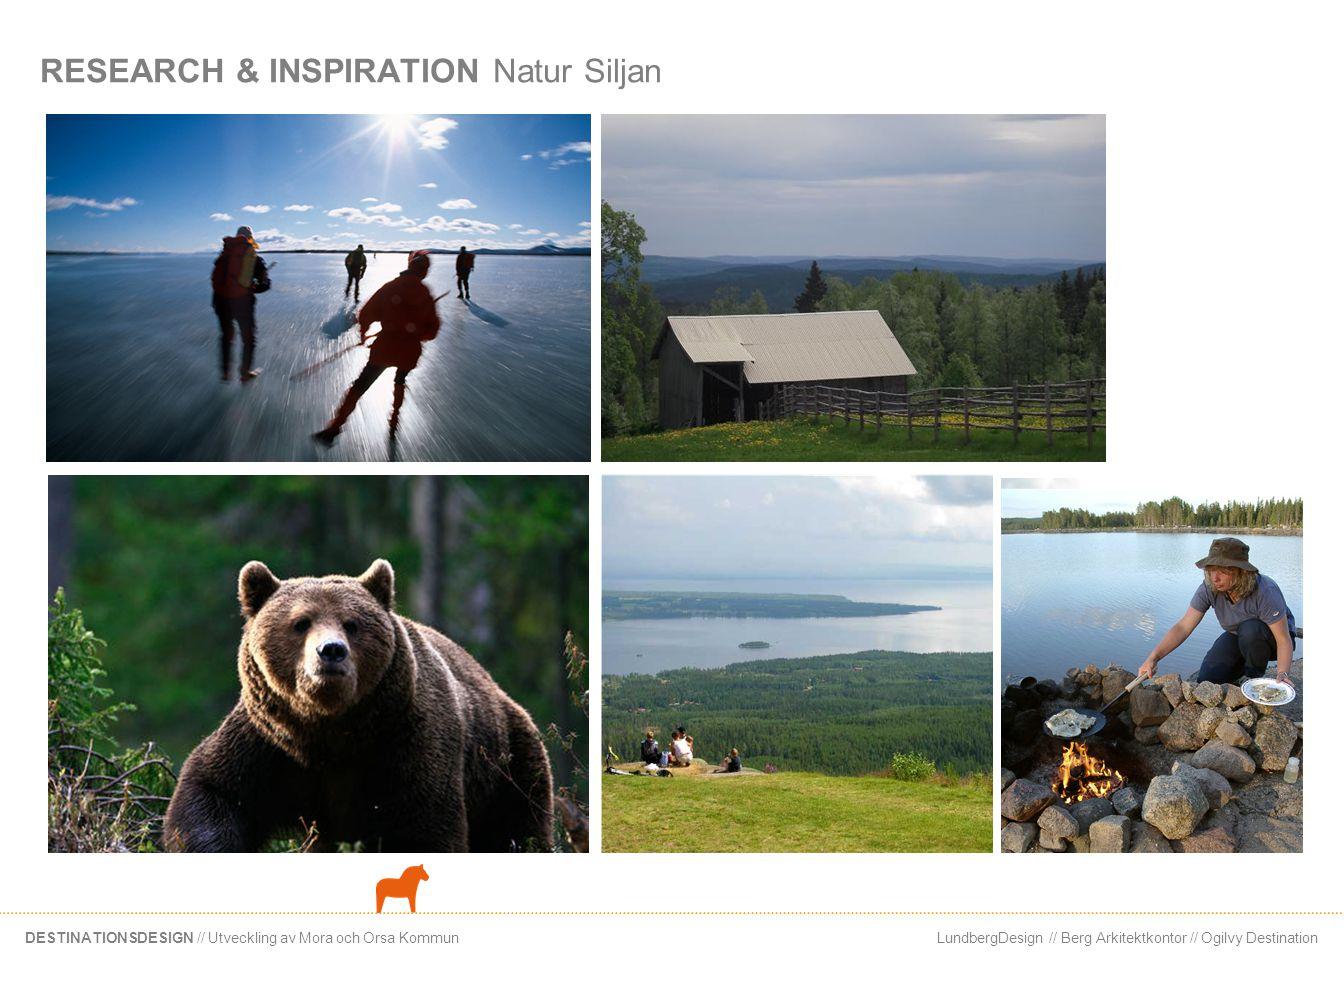 LundbergDesign // Berg Arkitektkontor // Ogilvy DestinationDESTINATIONSDESIGN // Utveckling av Mora och Orsa Kommun RESEARCH & INSPIRATION Natur Silja